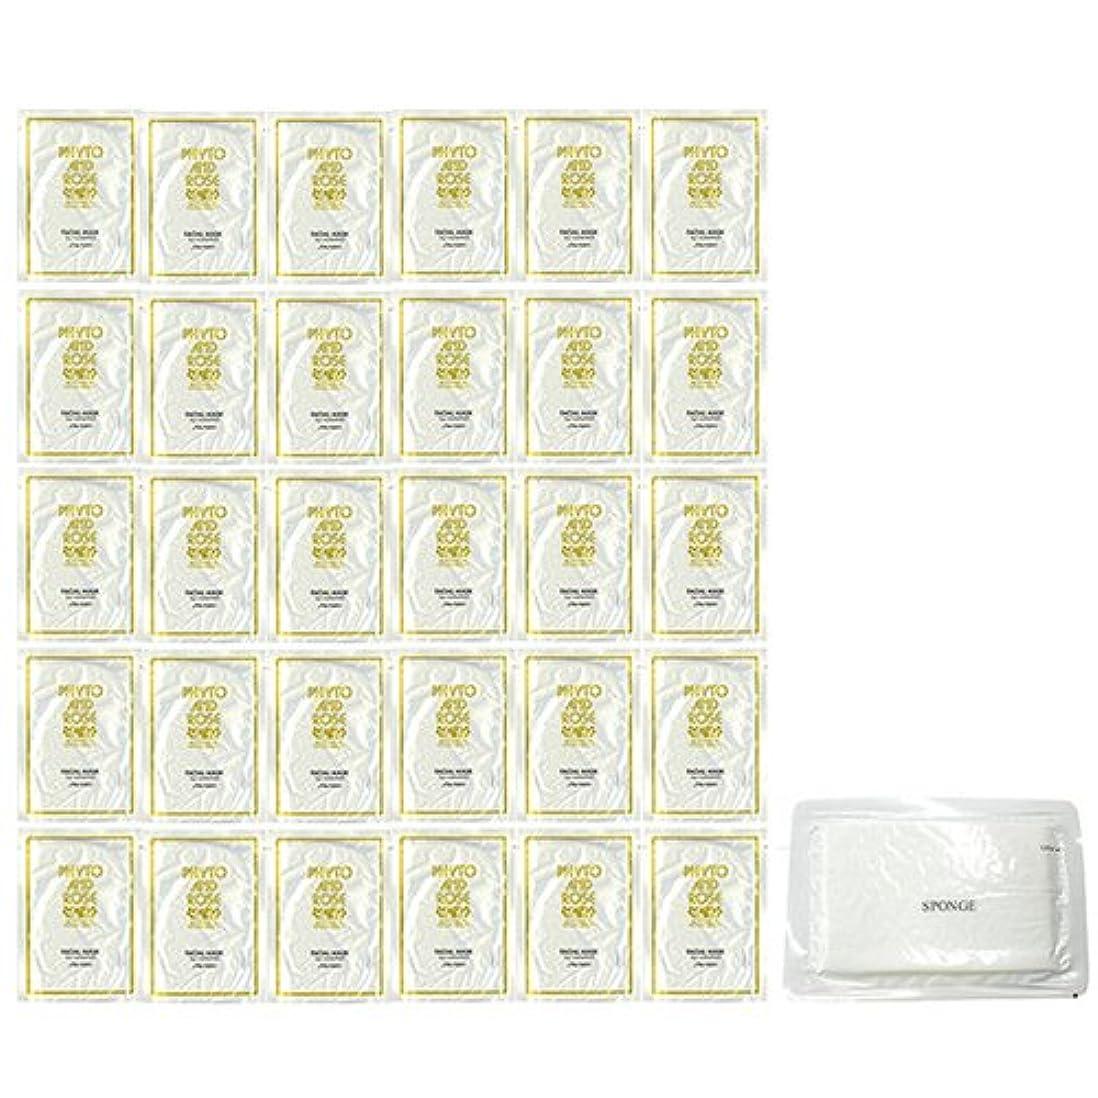 ホールドオール商品閃光資生堂 フィト アンド ローズ パウチ ハンドアンドボディミルク 10ml × 30個 + 圧縮スポンジセット